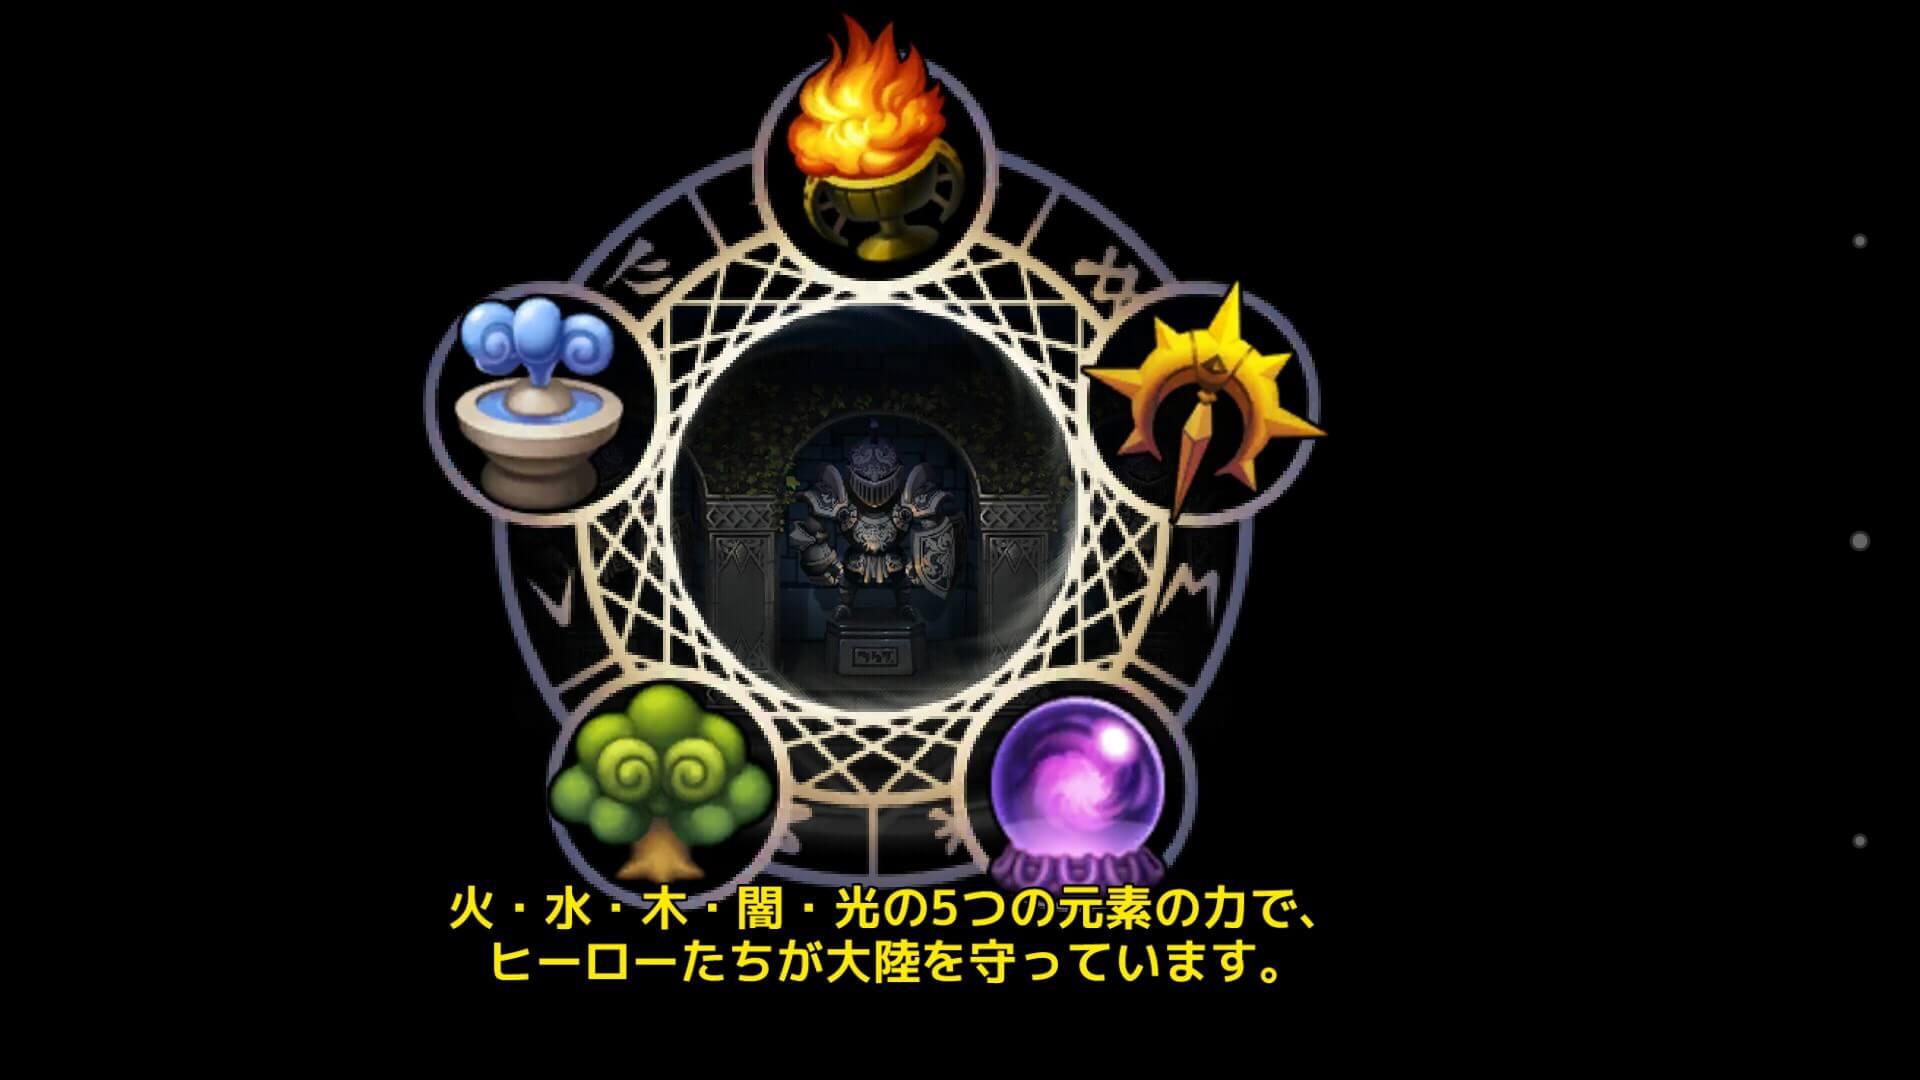 5つの元素が表示されています。